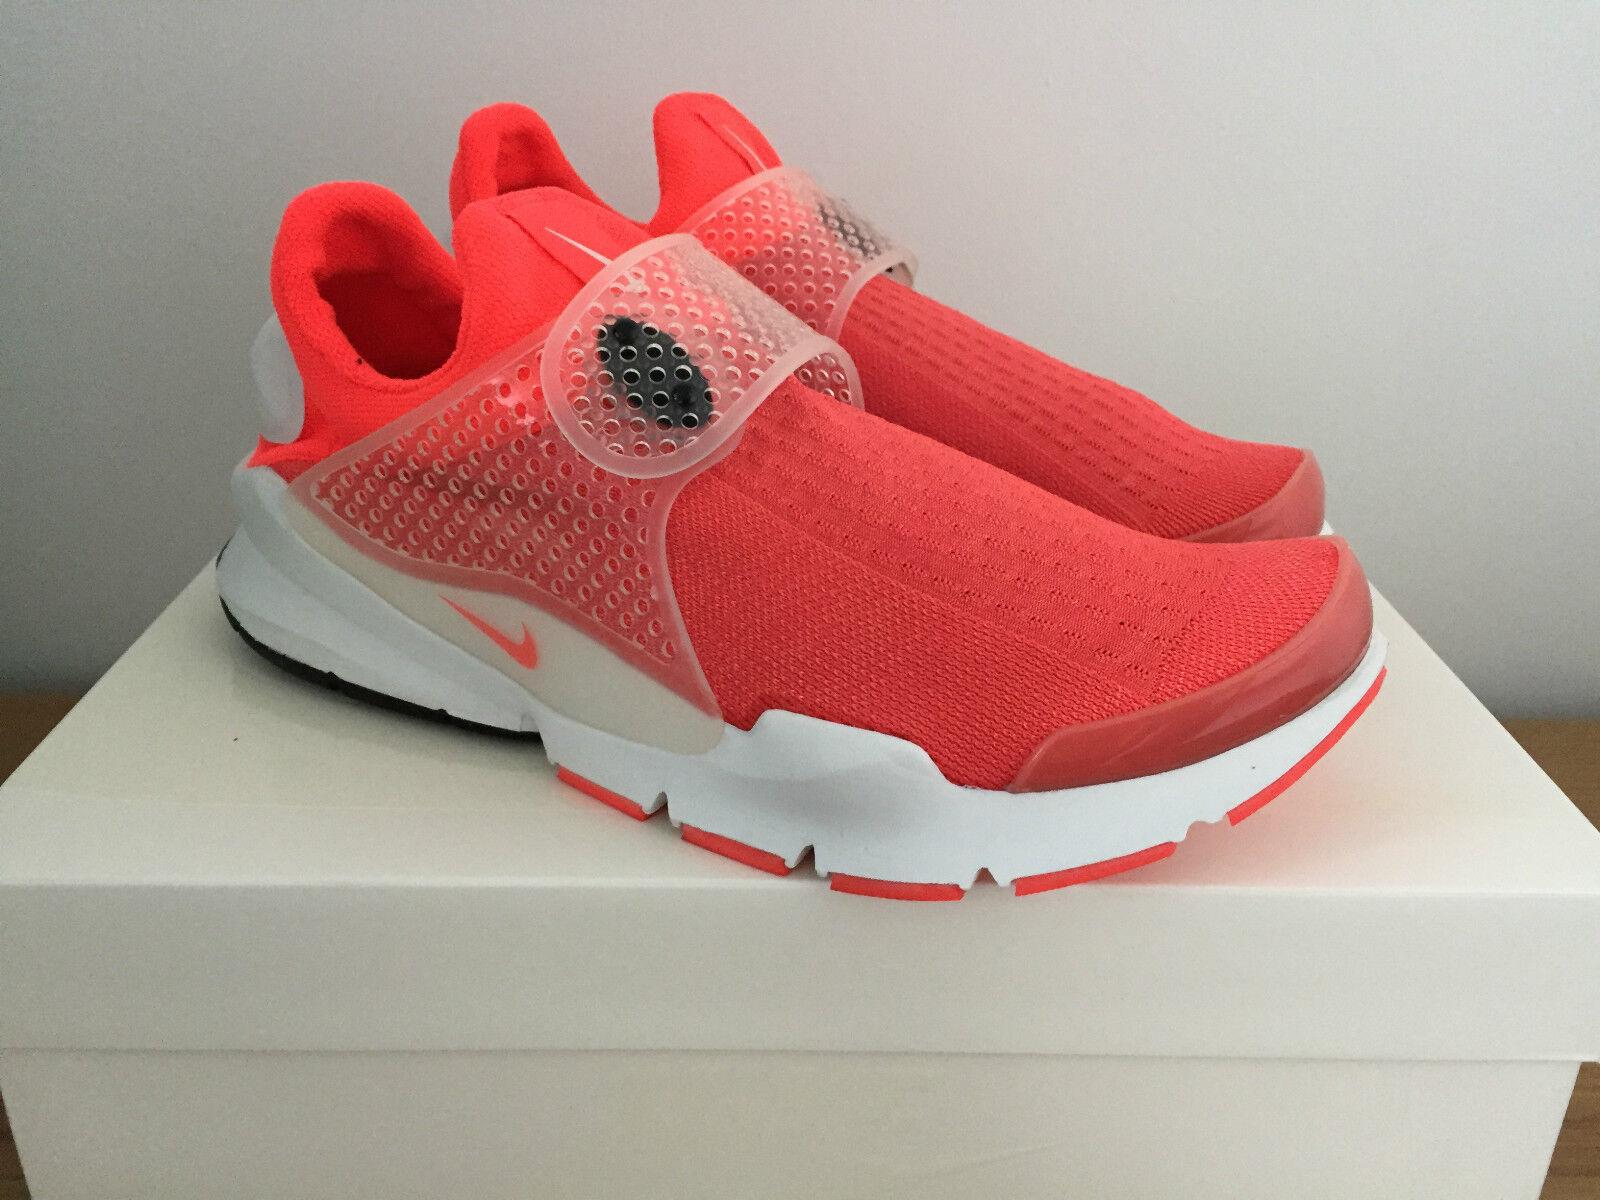 Nike tz sock  sp  frammento  infrarosso regno regno regno unito9 us10 hiroshi | durabilità  | Uomini/Donna Scarpa  c2c64f